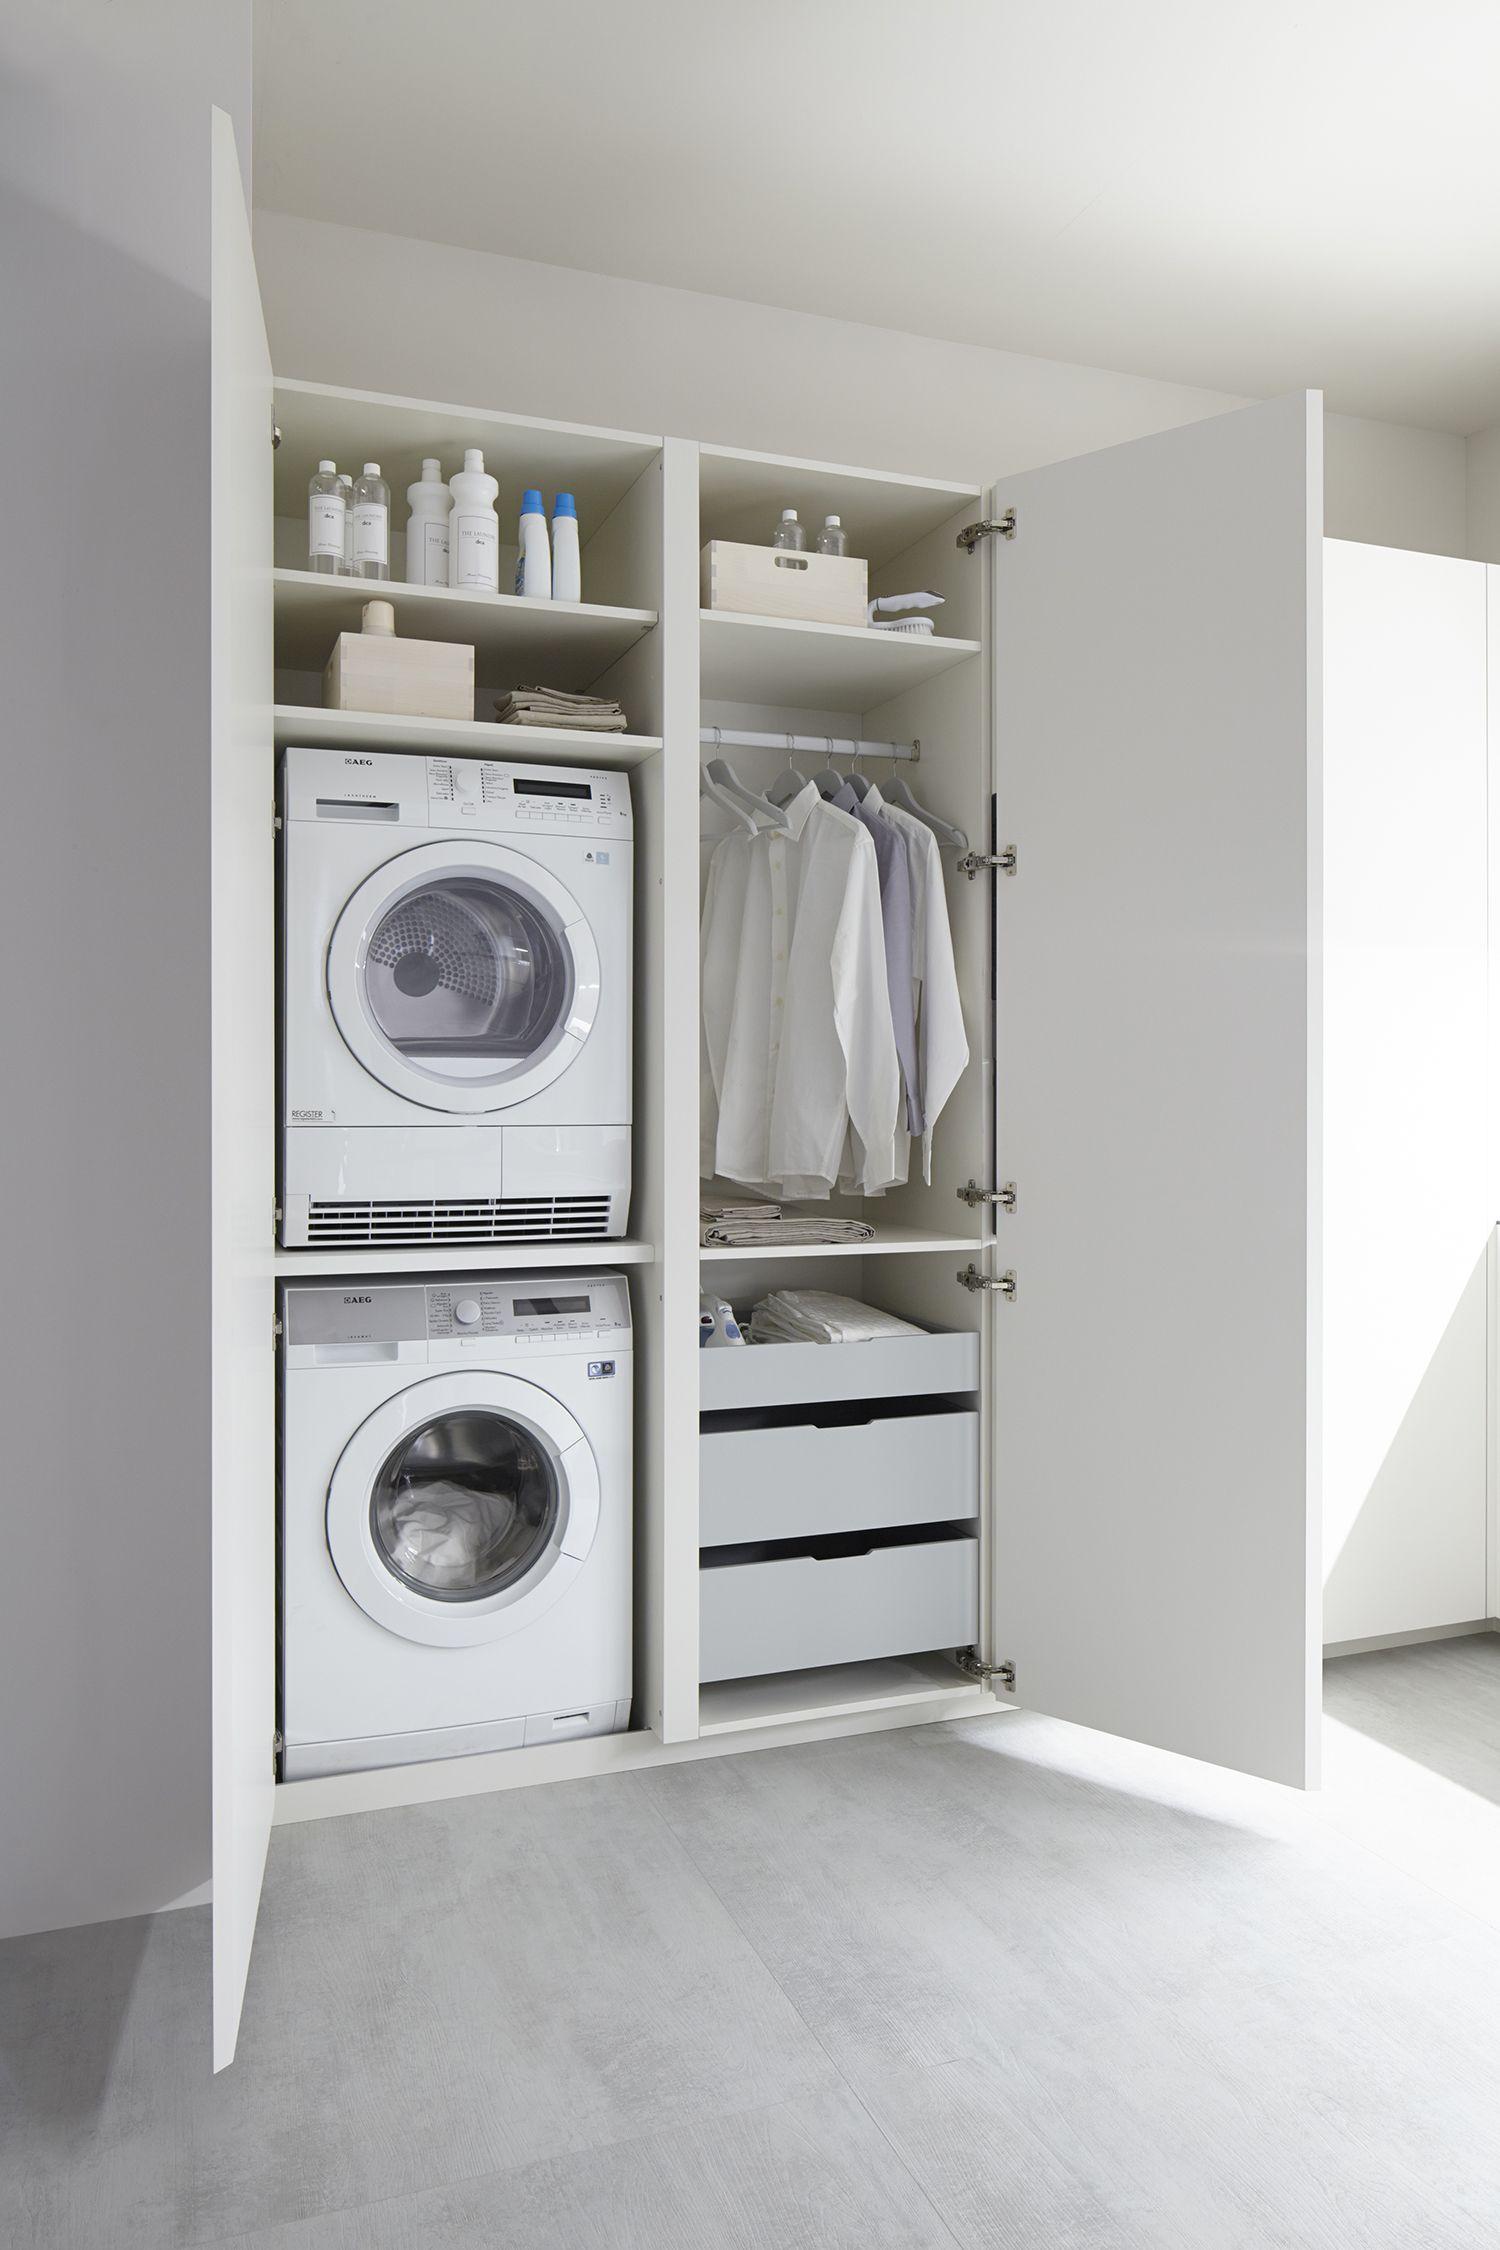 dica serie cocinas modernas con interiores bien equipados como este mueble para